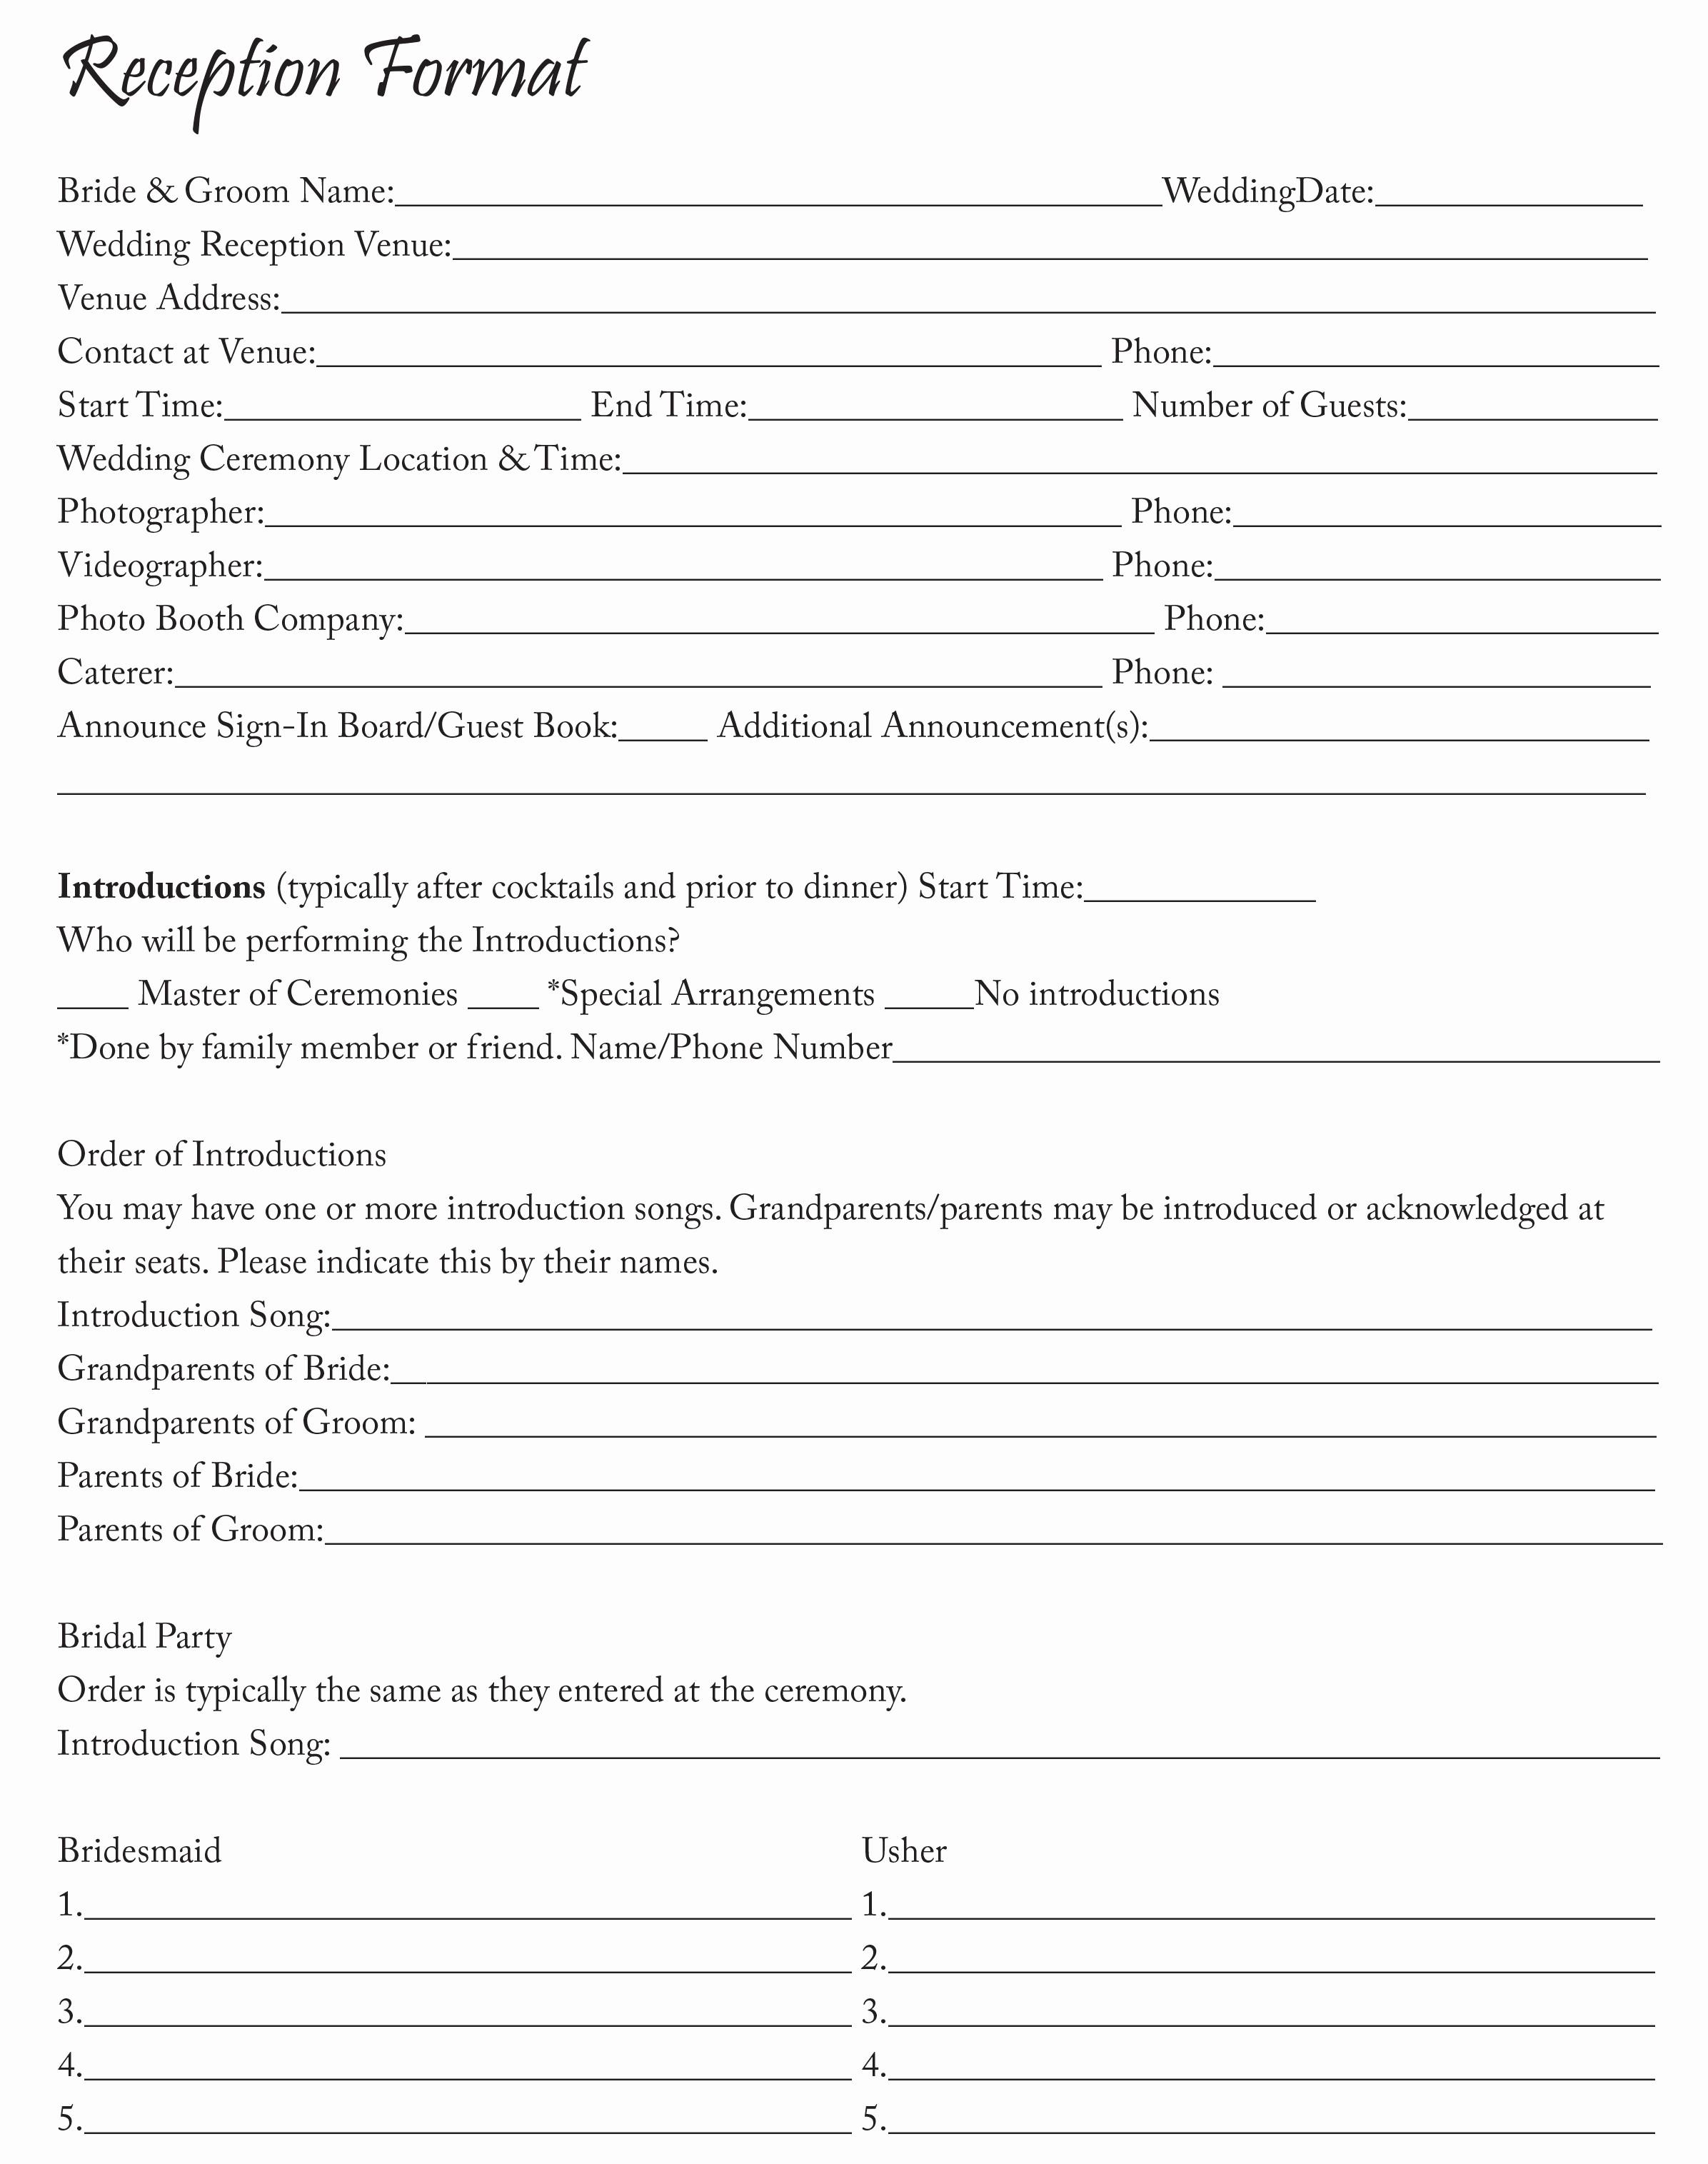 Wedding Reception song List Template Inspirational Reception format Sheet